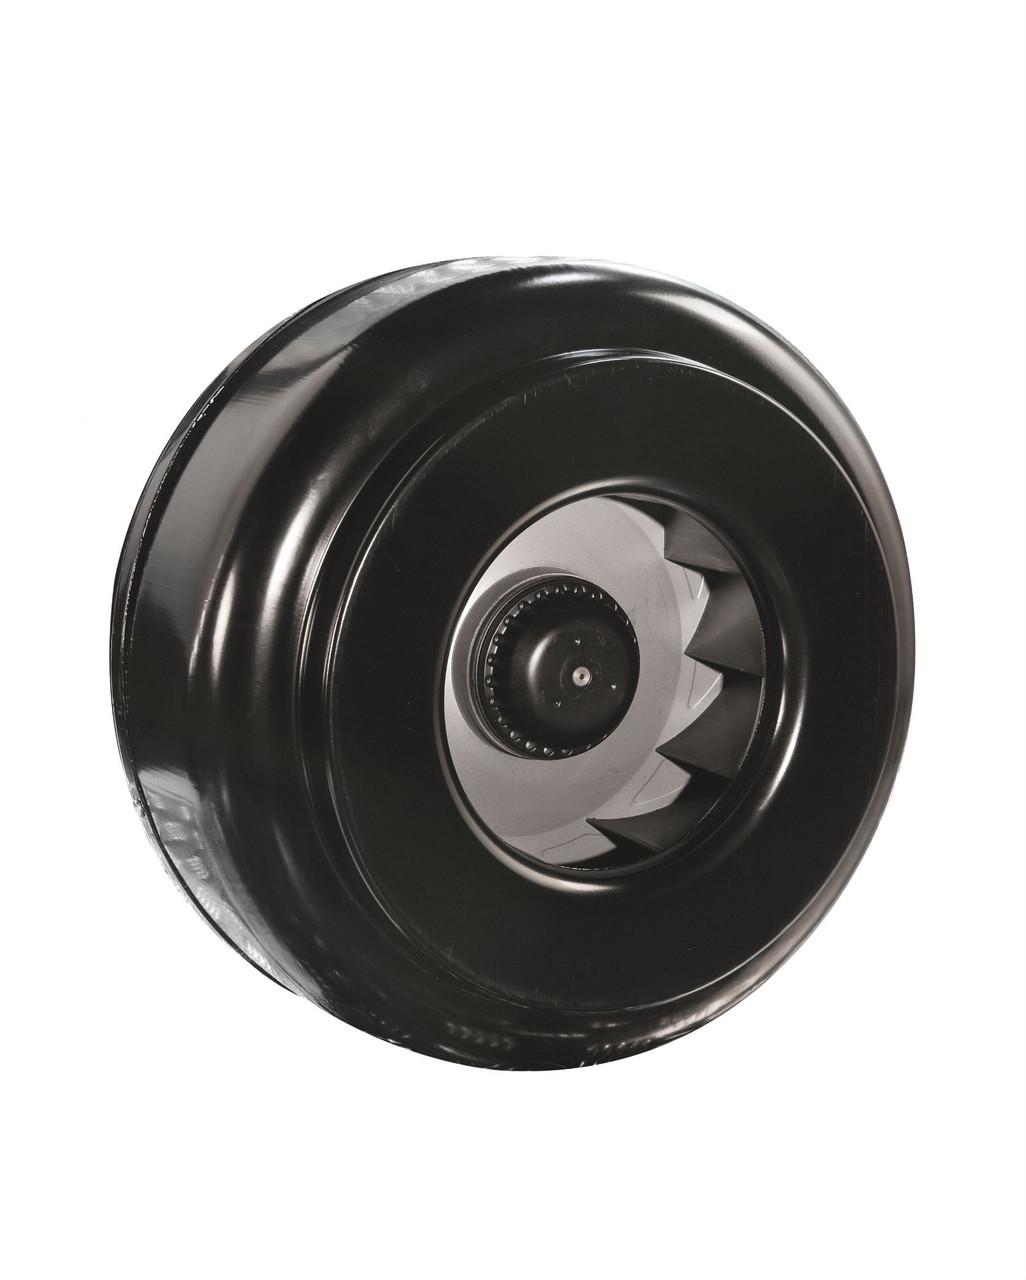 Вентилятор промышленный центробежный Dospel WK 200 (007-0099)